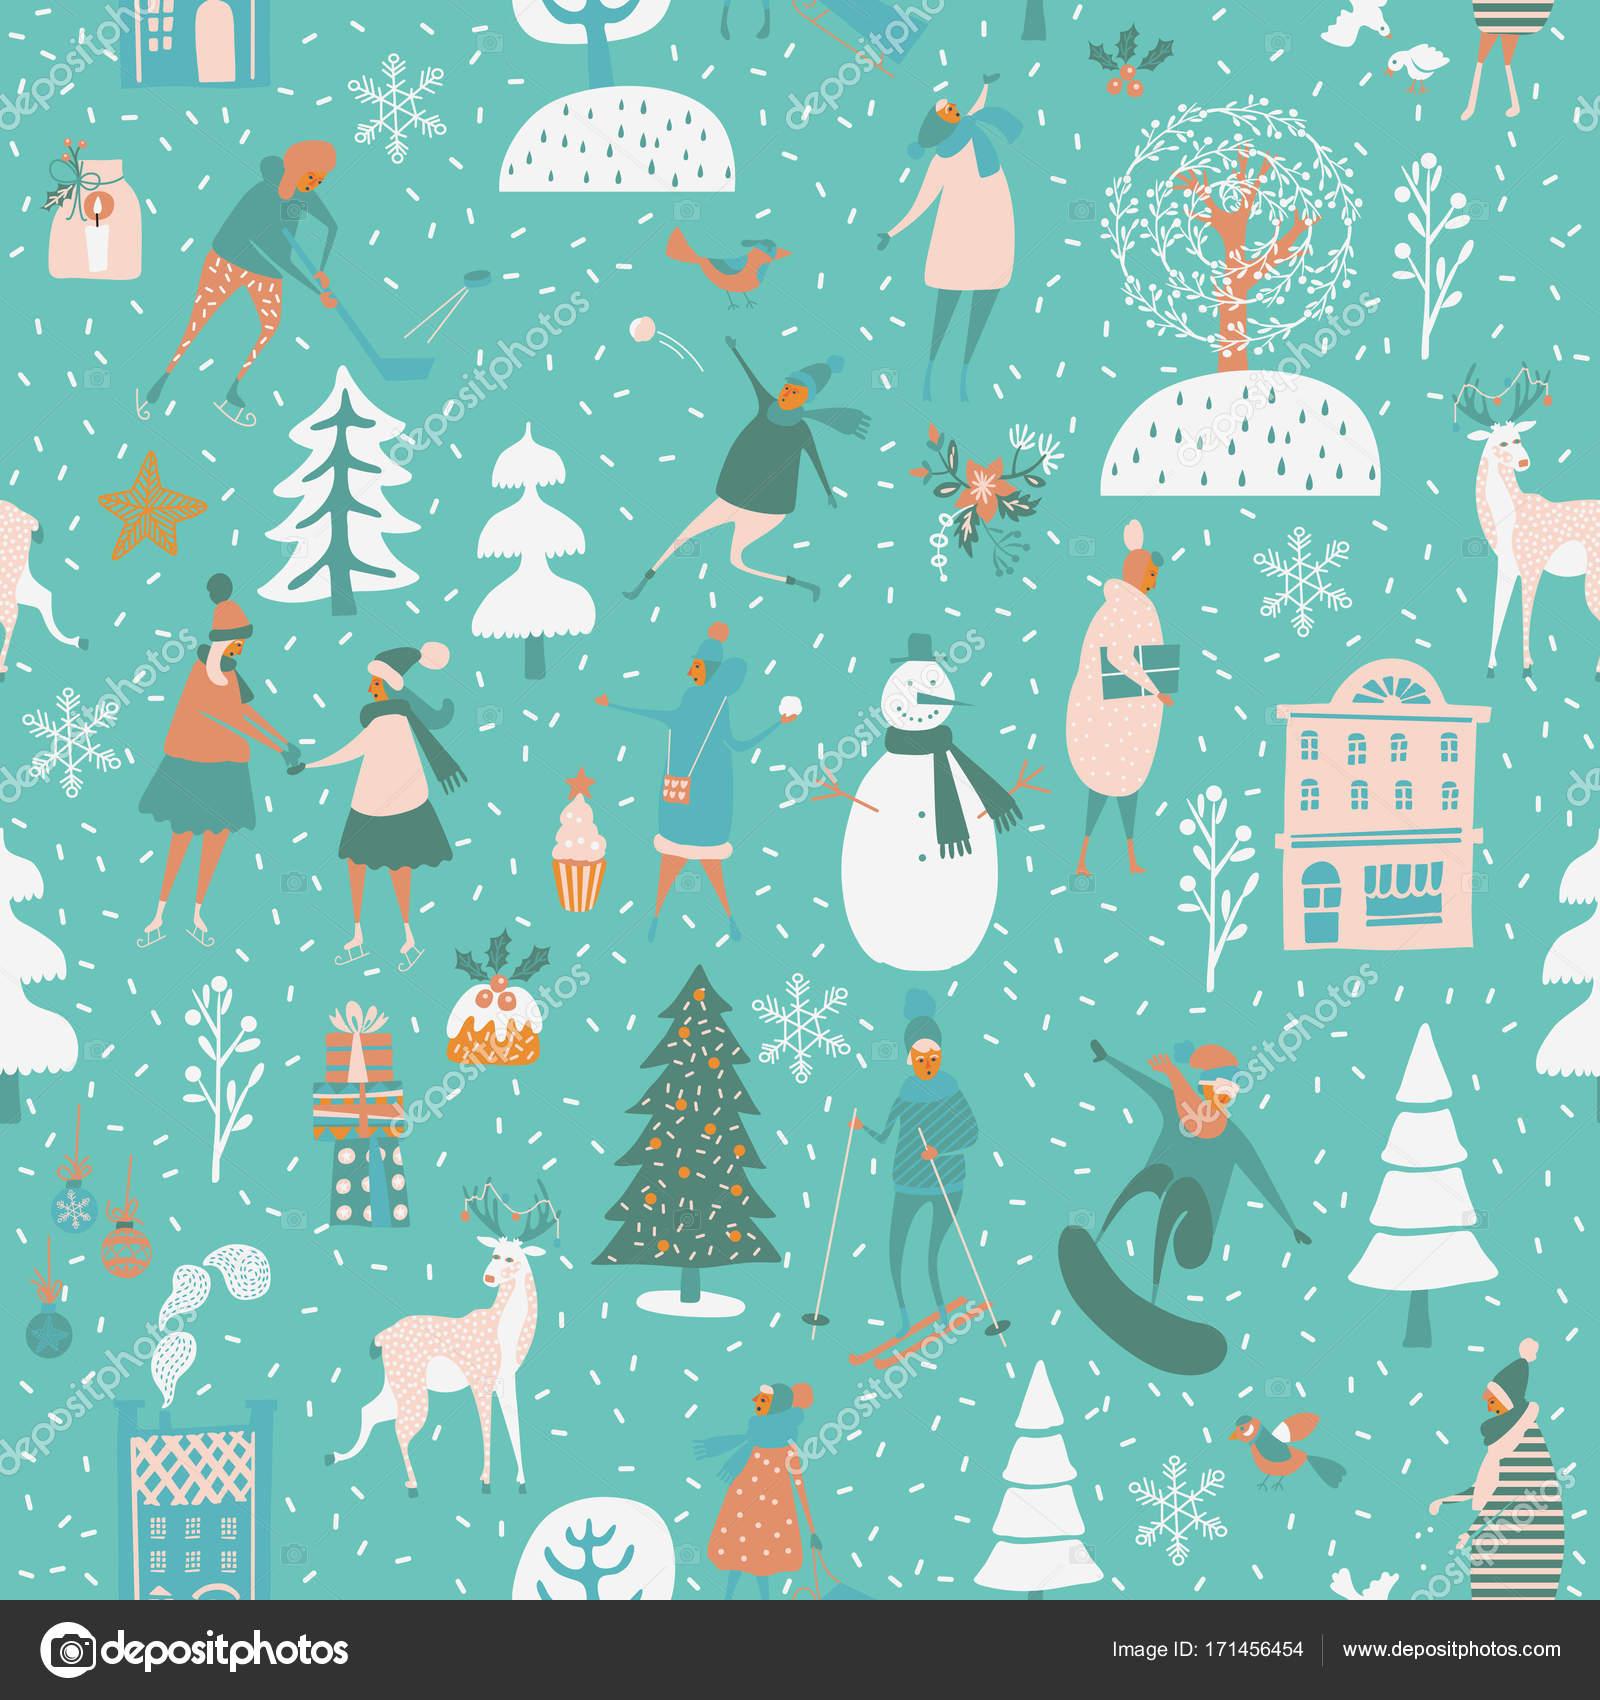 Weihnachten nahtlose Vektormuster Winterspiele, Schneemann, Bäume ...